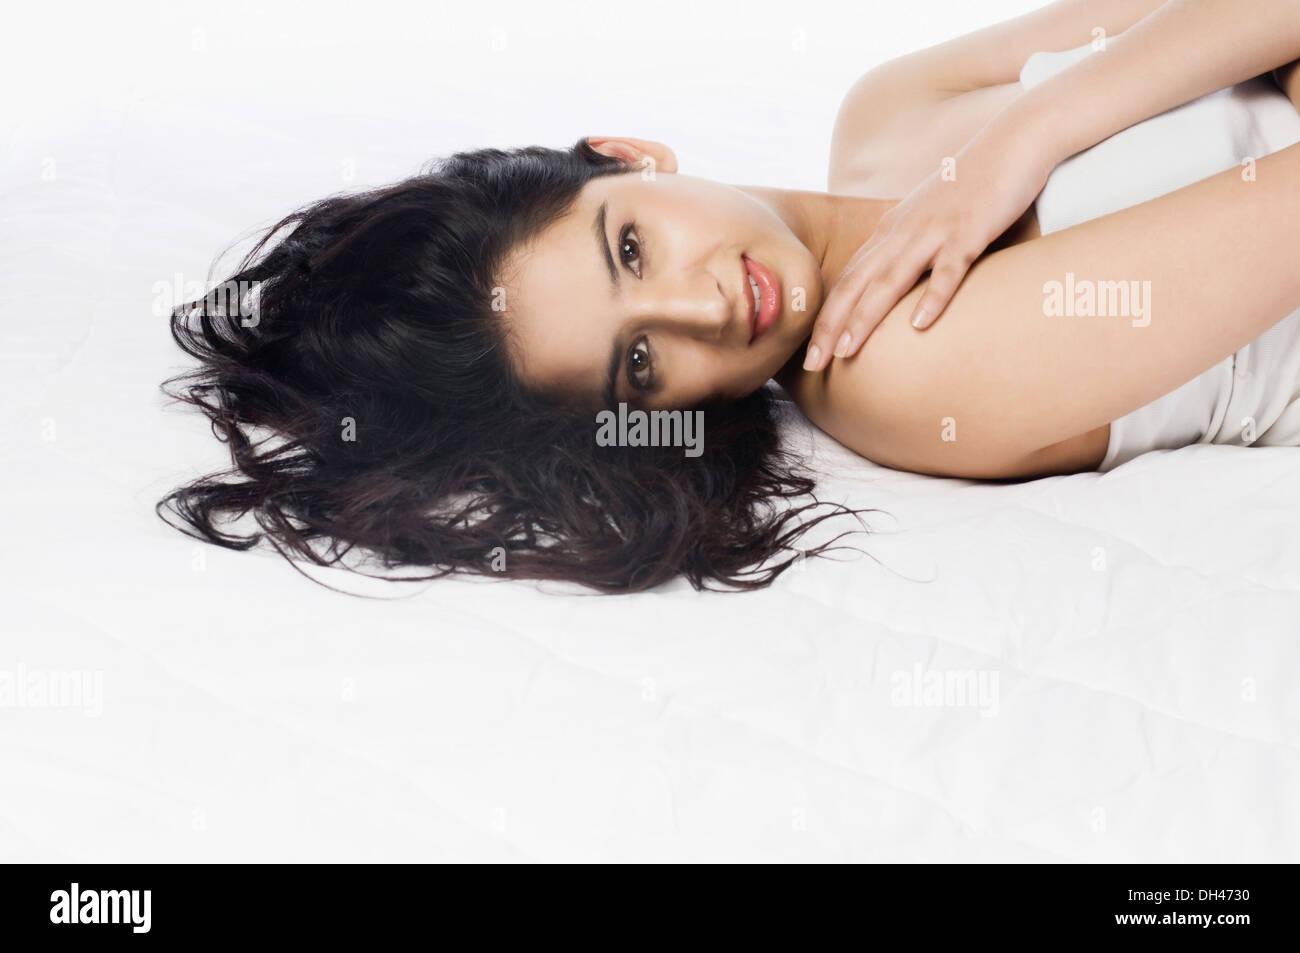 Femme couchée sur le lit Banque D'Images